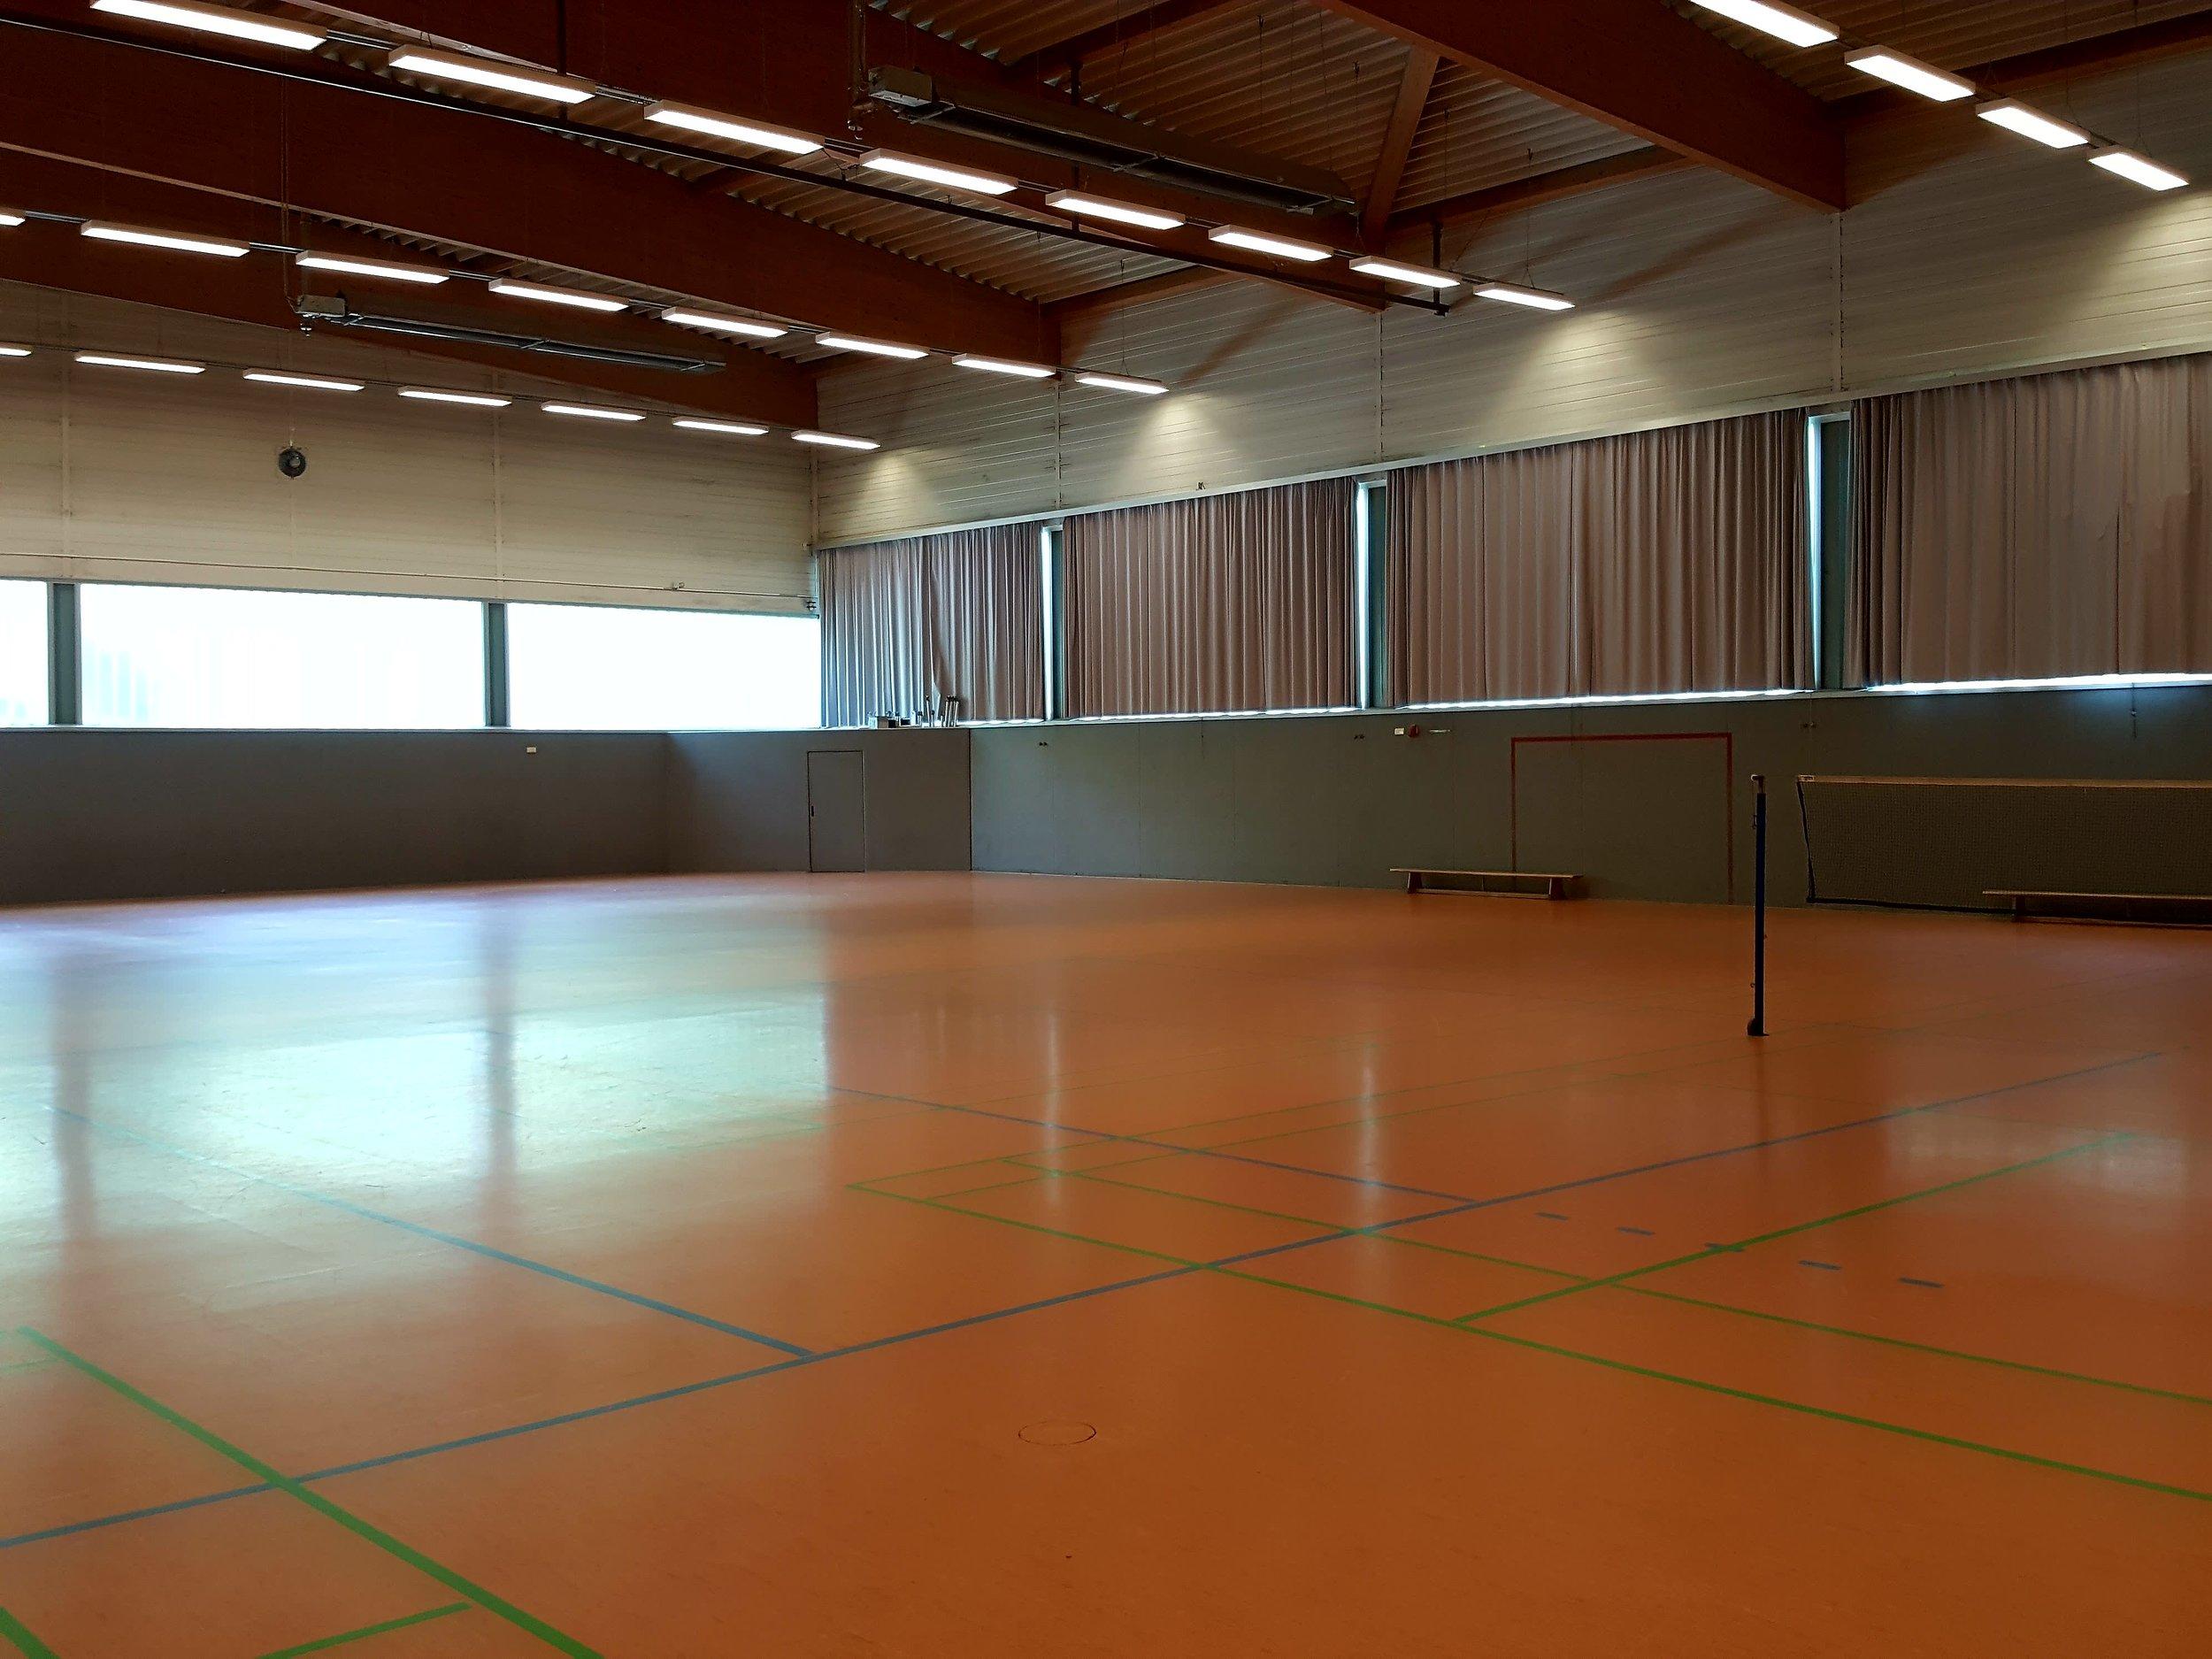 Sportspass store hal til badminton og boldspil på Berliner Tor afdelingen. Ikke et syn på højt æstetisk niveau, men tilgængelig for alle (og der var badmintonspillere i gang i hallens anden ende, selv om den ser tom ud).  Foto: Henrik H. Brandt